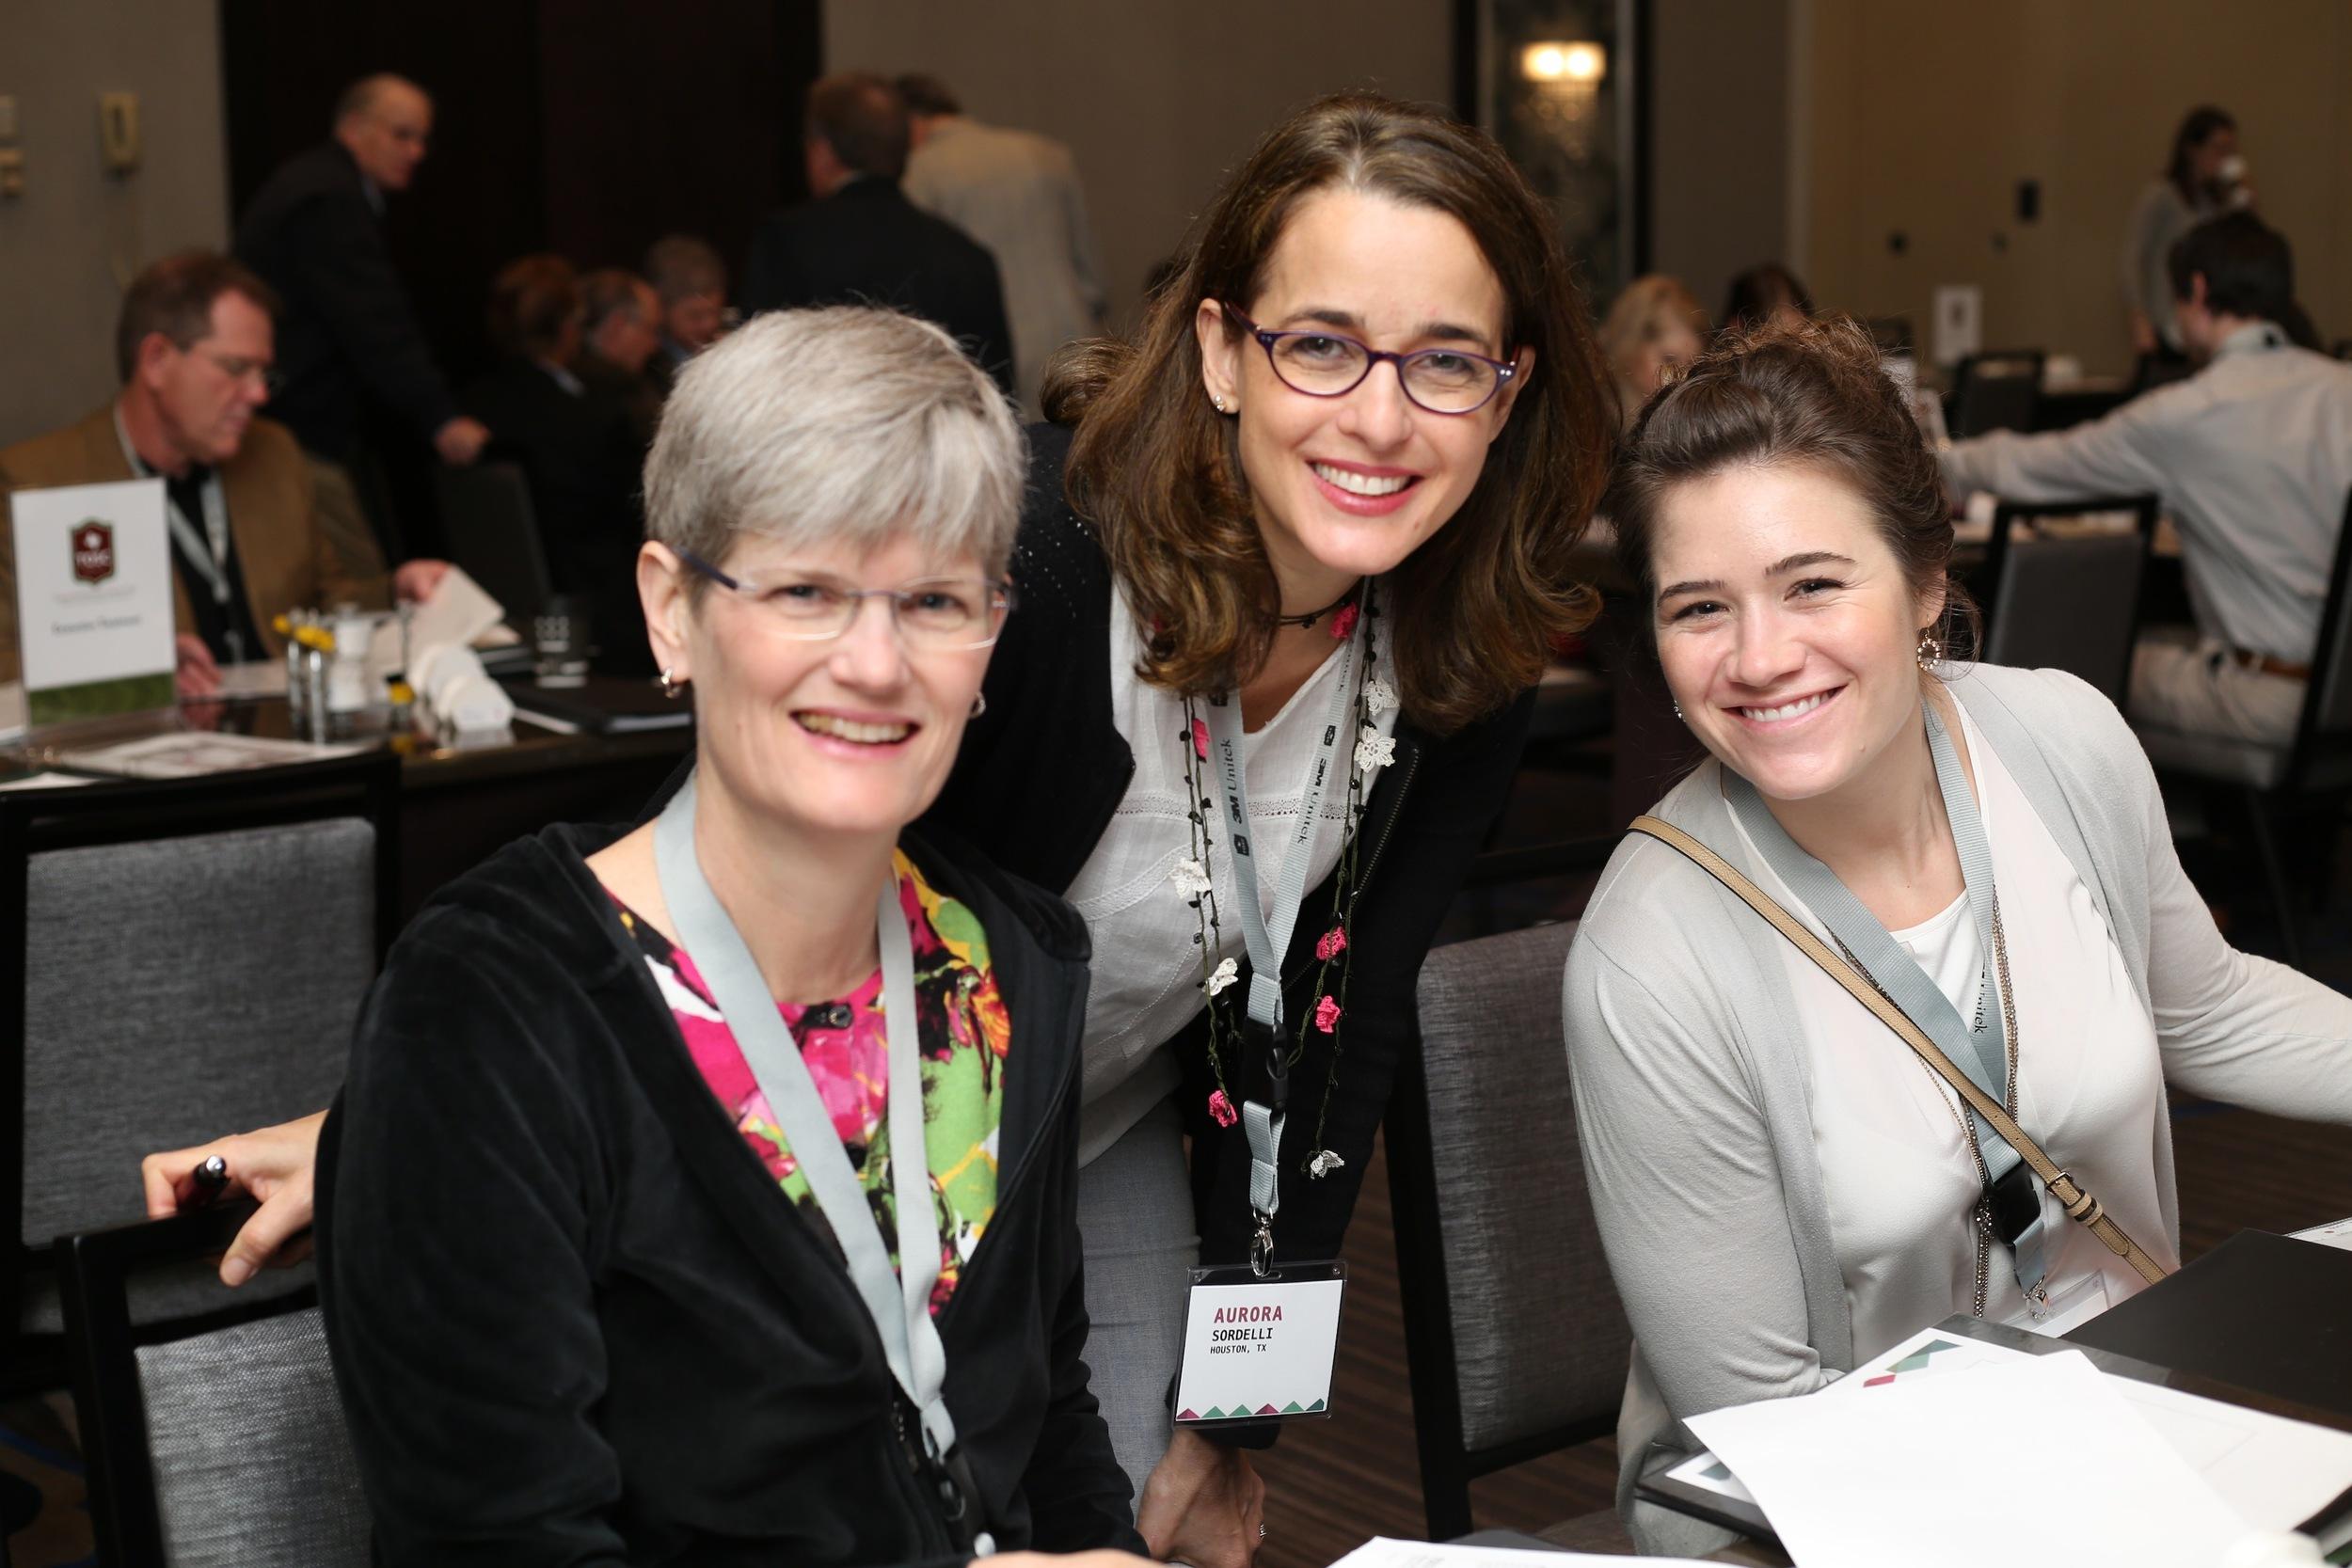 Drs. Lisa King, Aurora Sordelli, and Rachel Hardinger